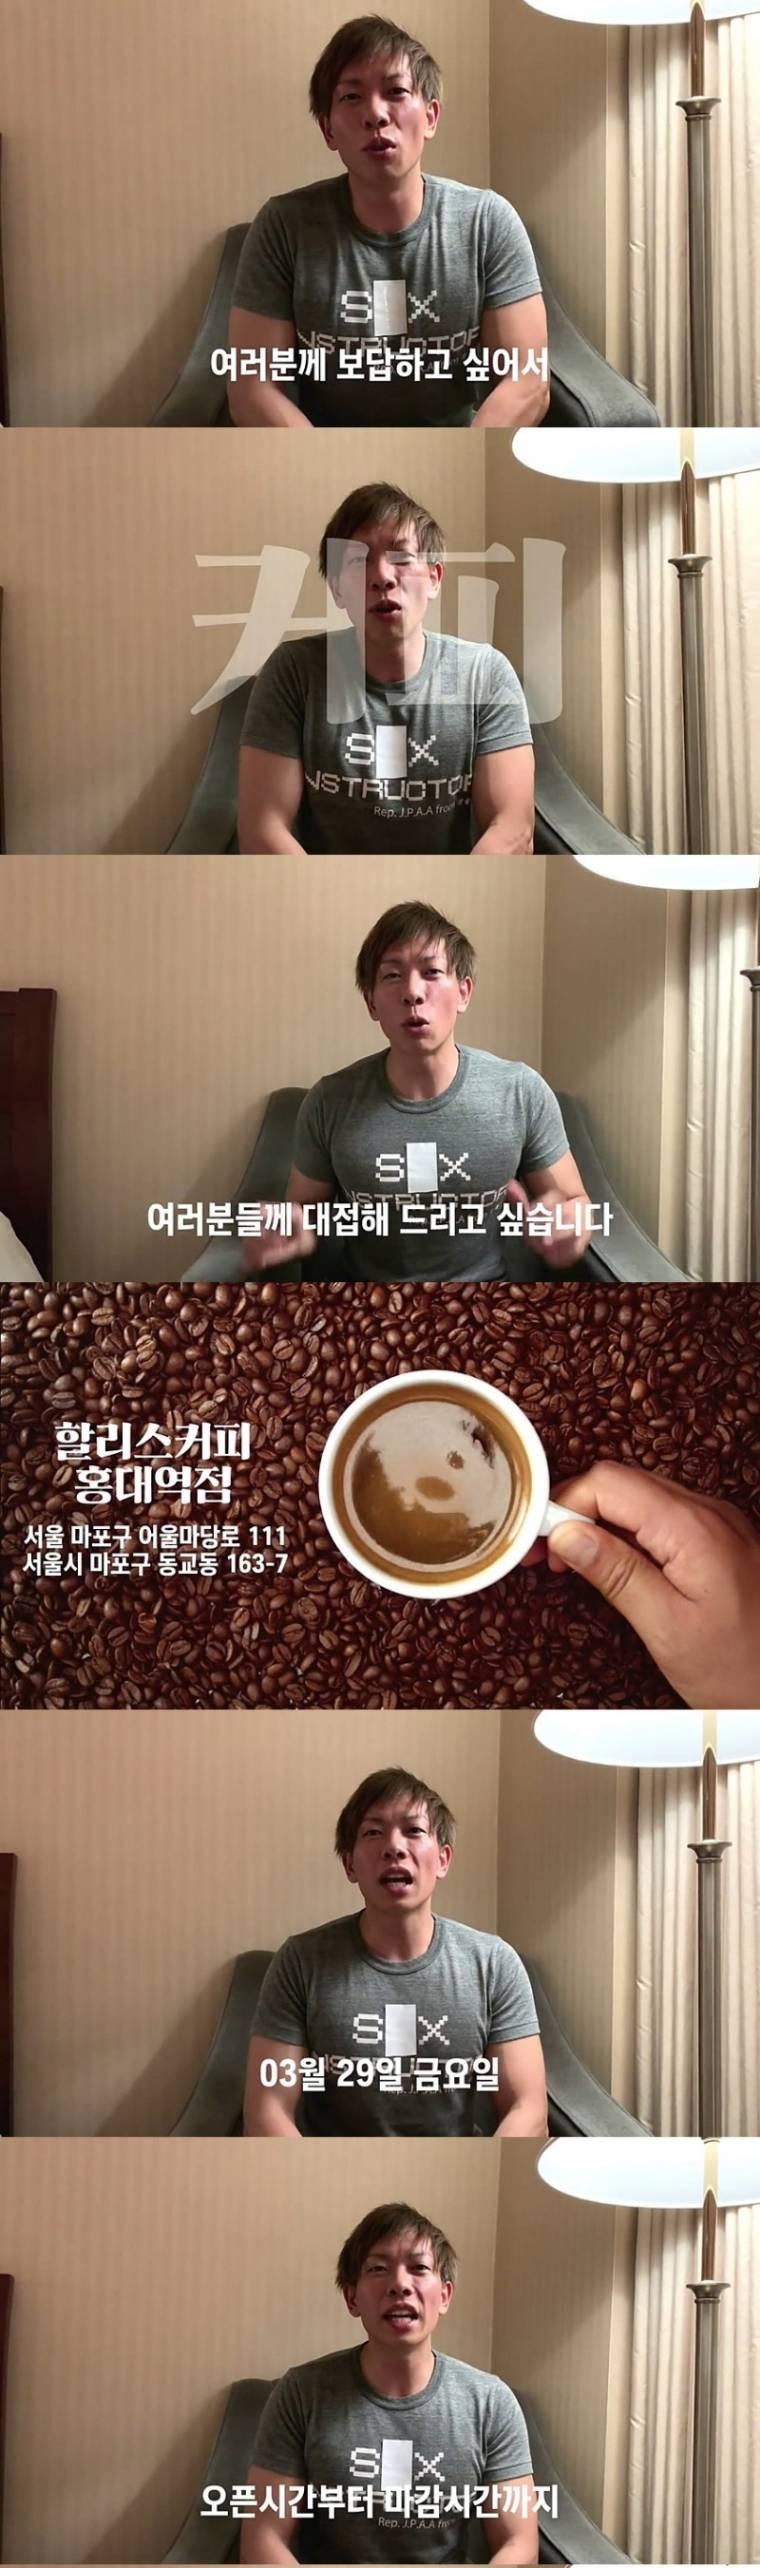 시미켄이 홍대에서 커피 쏜다